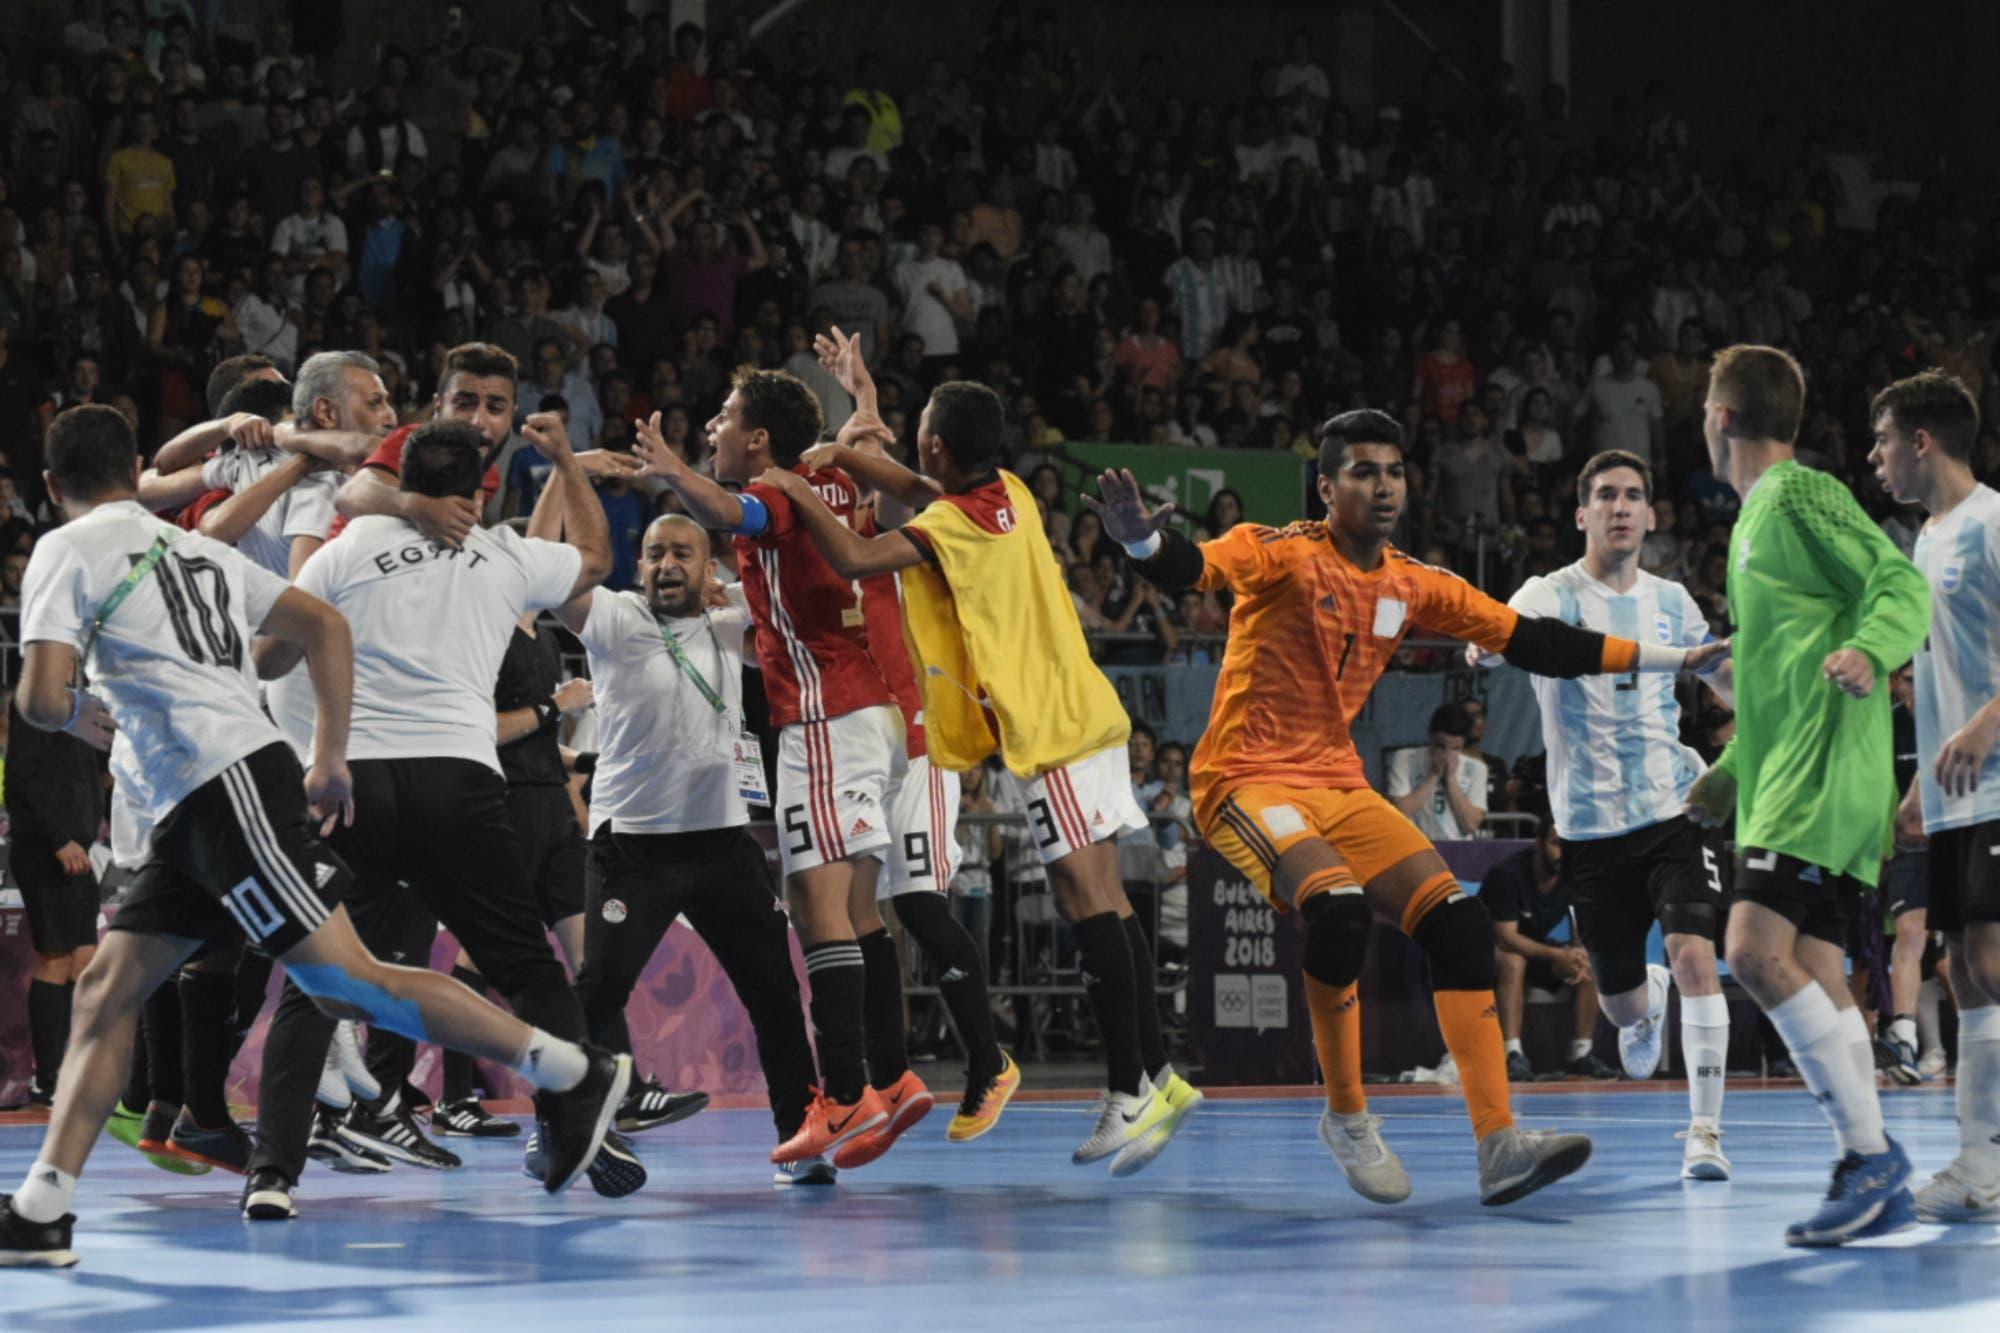 Una derrota olímpica: el Futsal argentino no entendió el espíritu de los Juegos